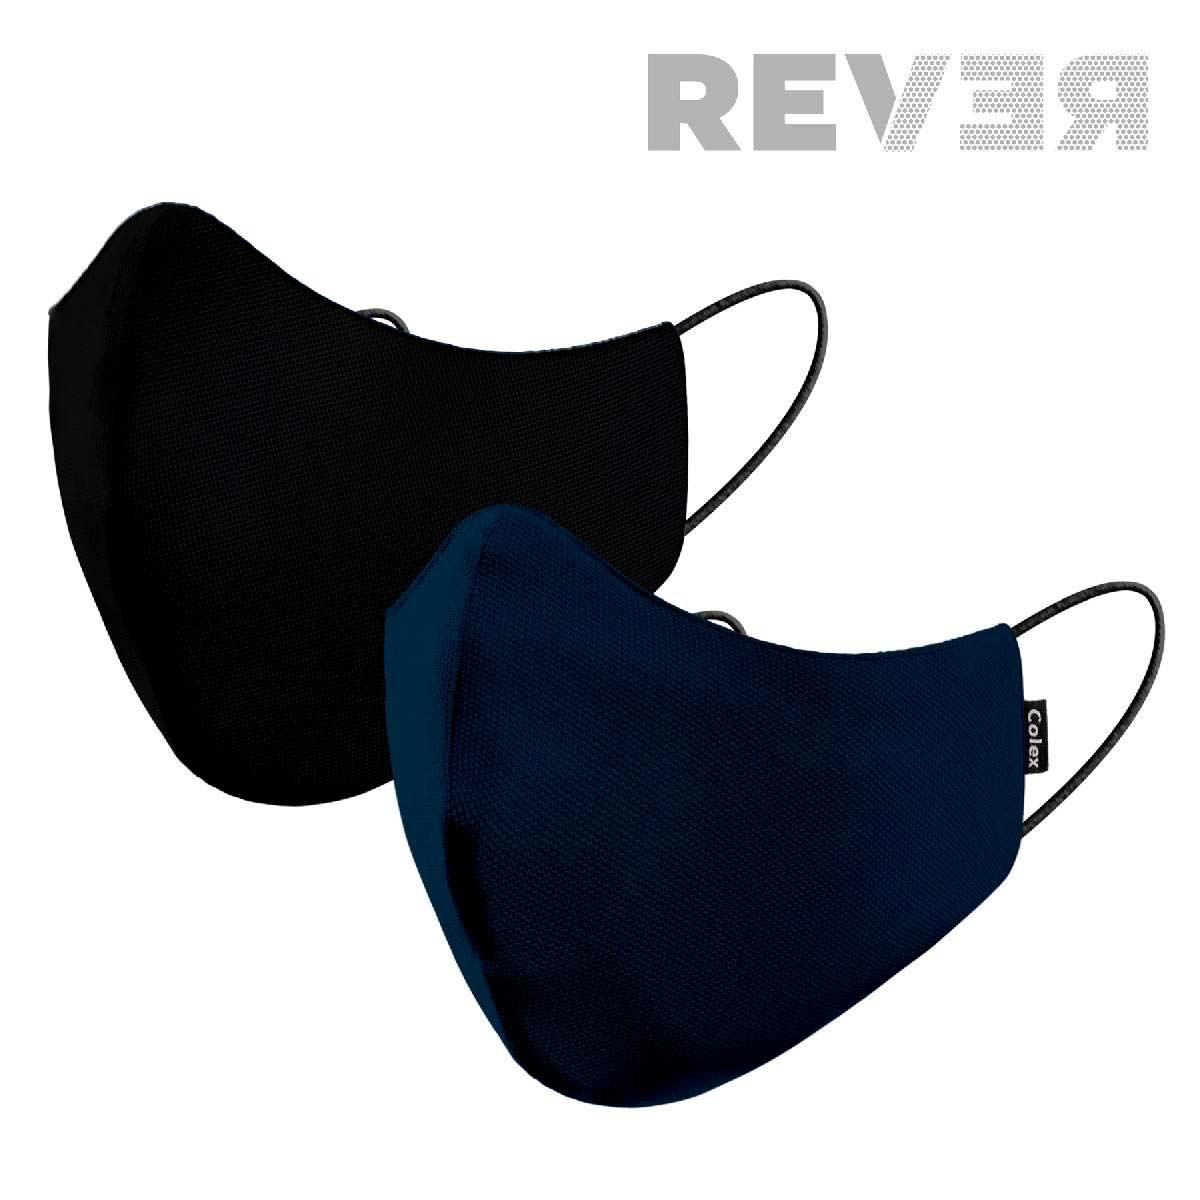 Mascareta Rever Color negre i blau marí